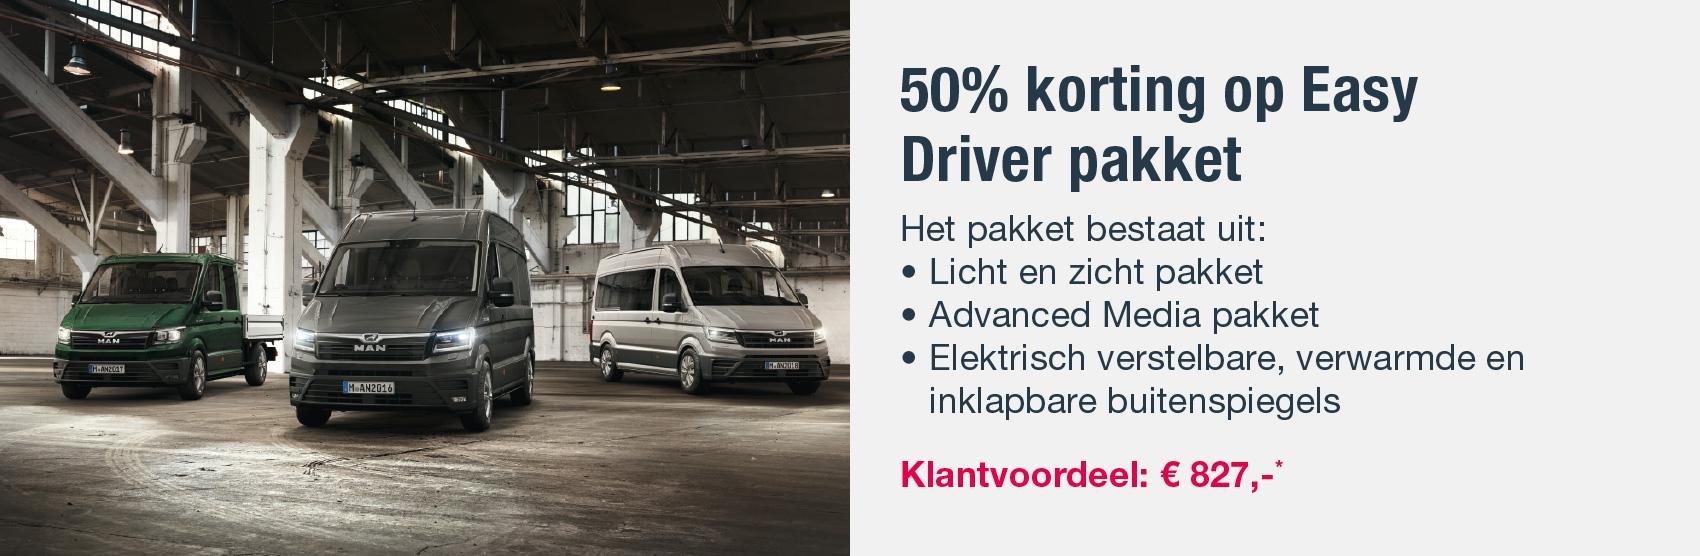 50% korting op Easy Driver pakket